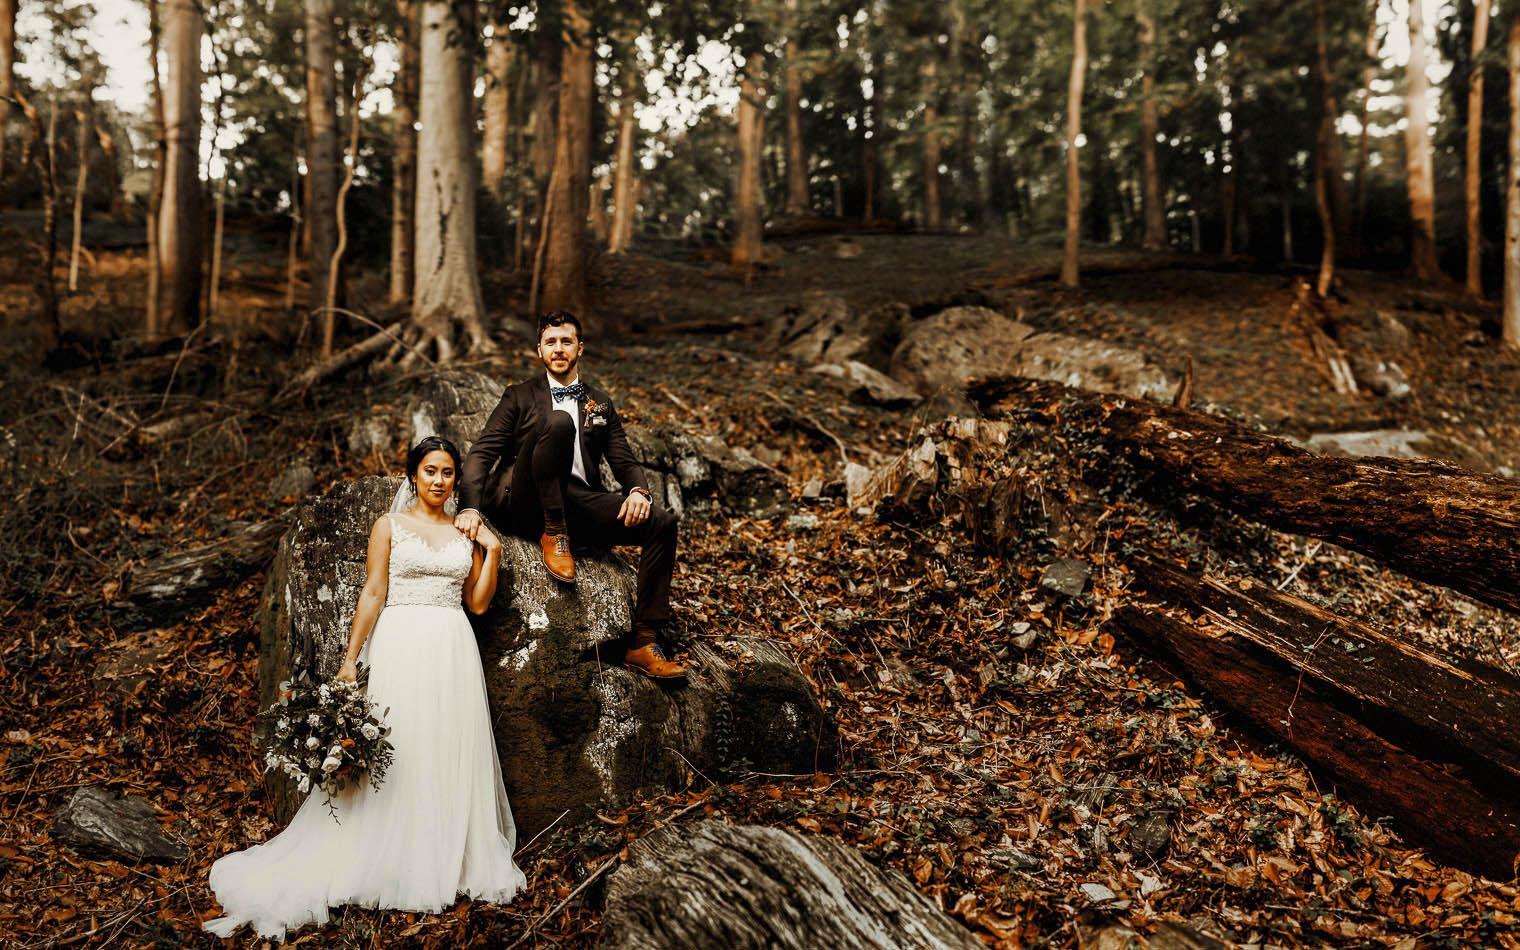 Twisted-Oaks-Studio-amy-mike-wedding-202.jpg